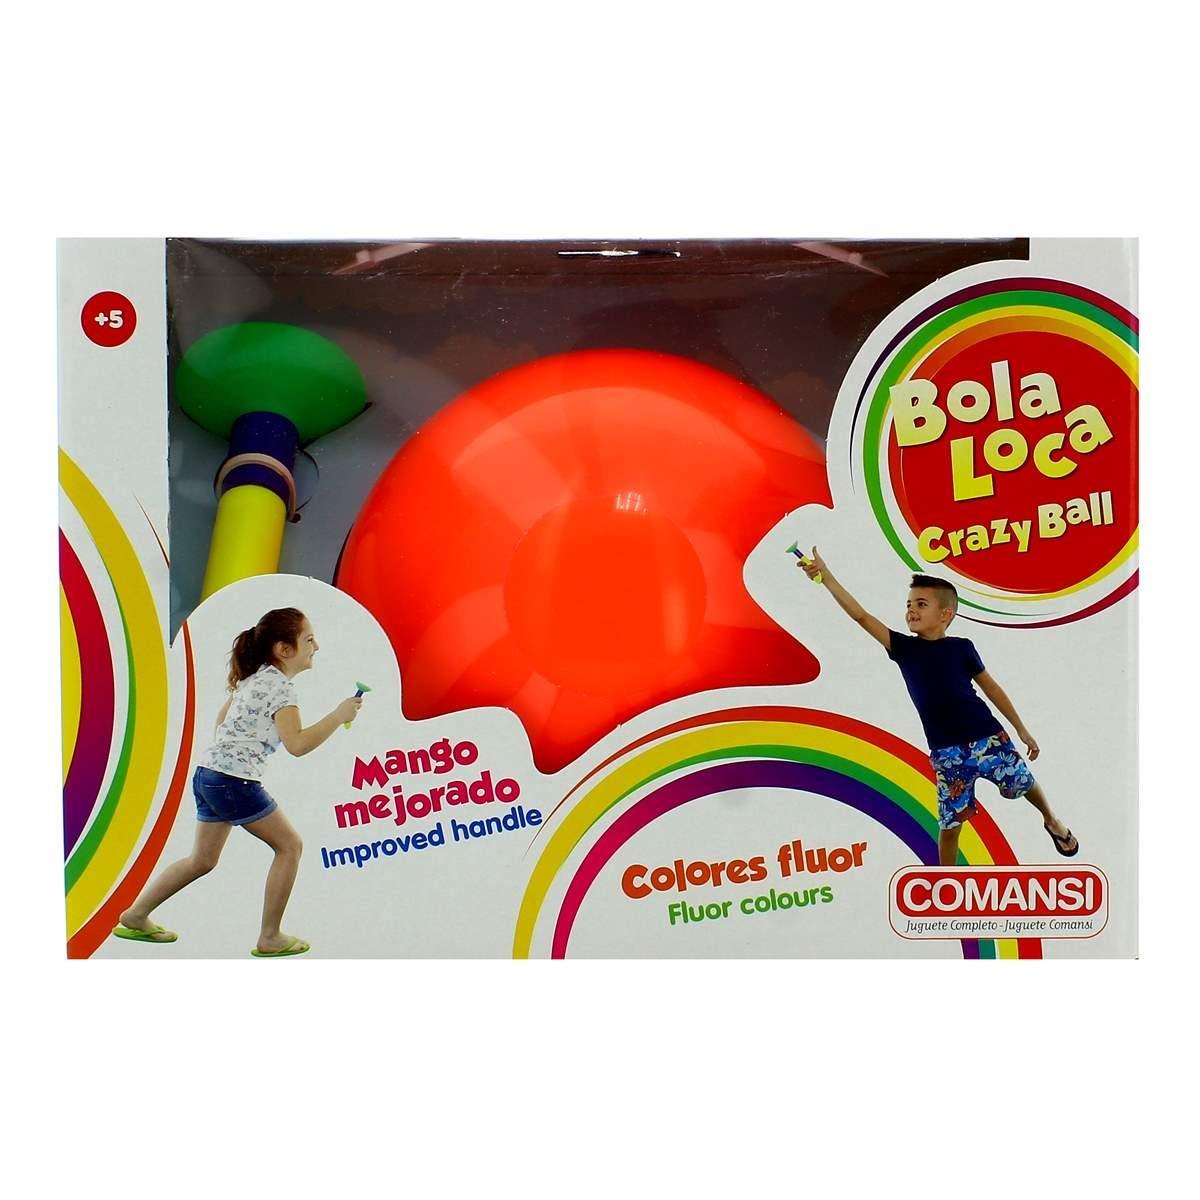 Comansi Bola Loca Naranja: Amazon.es: Juguetes y juegos